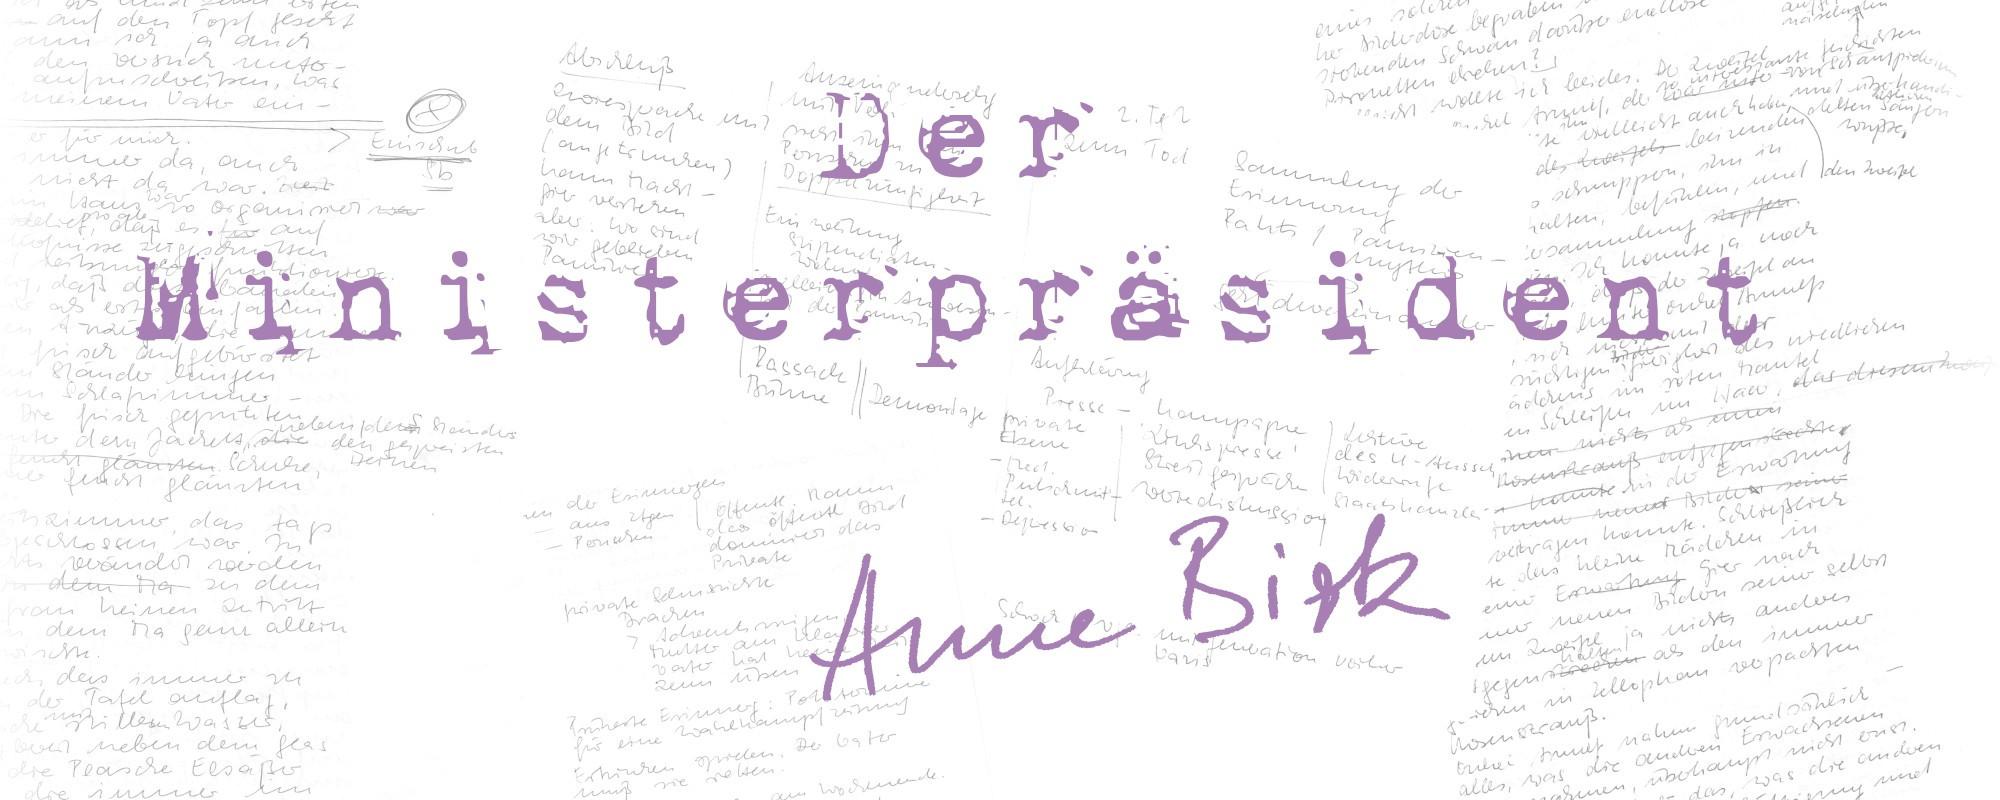 Anne-Birk-Der-Ministerpraesident-Schriftbild